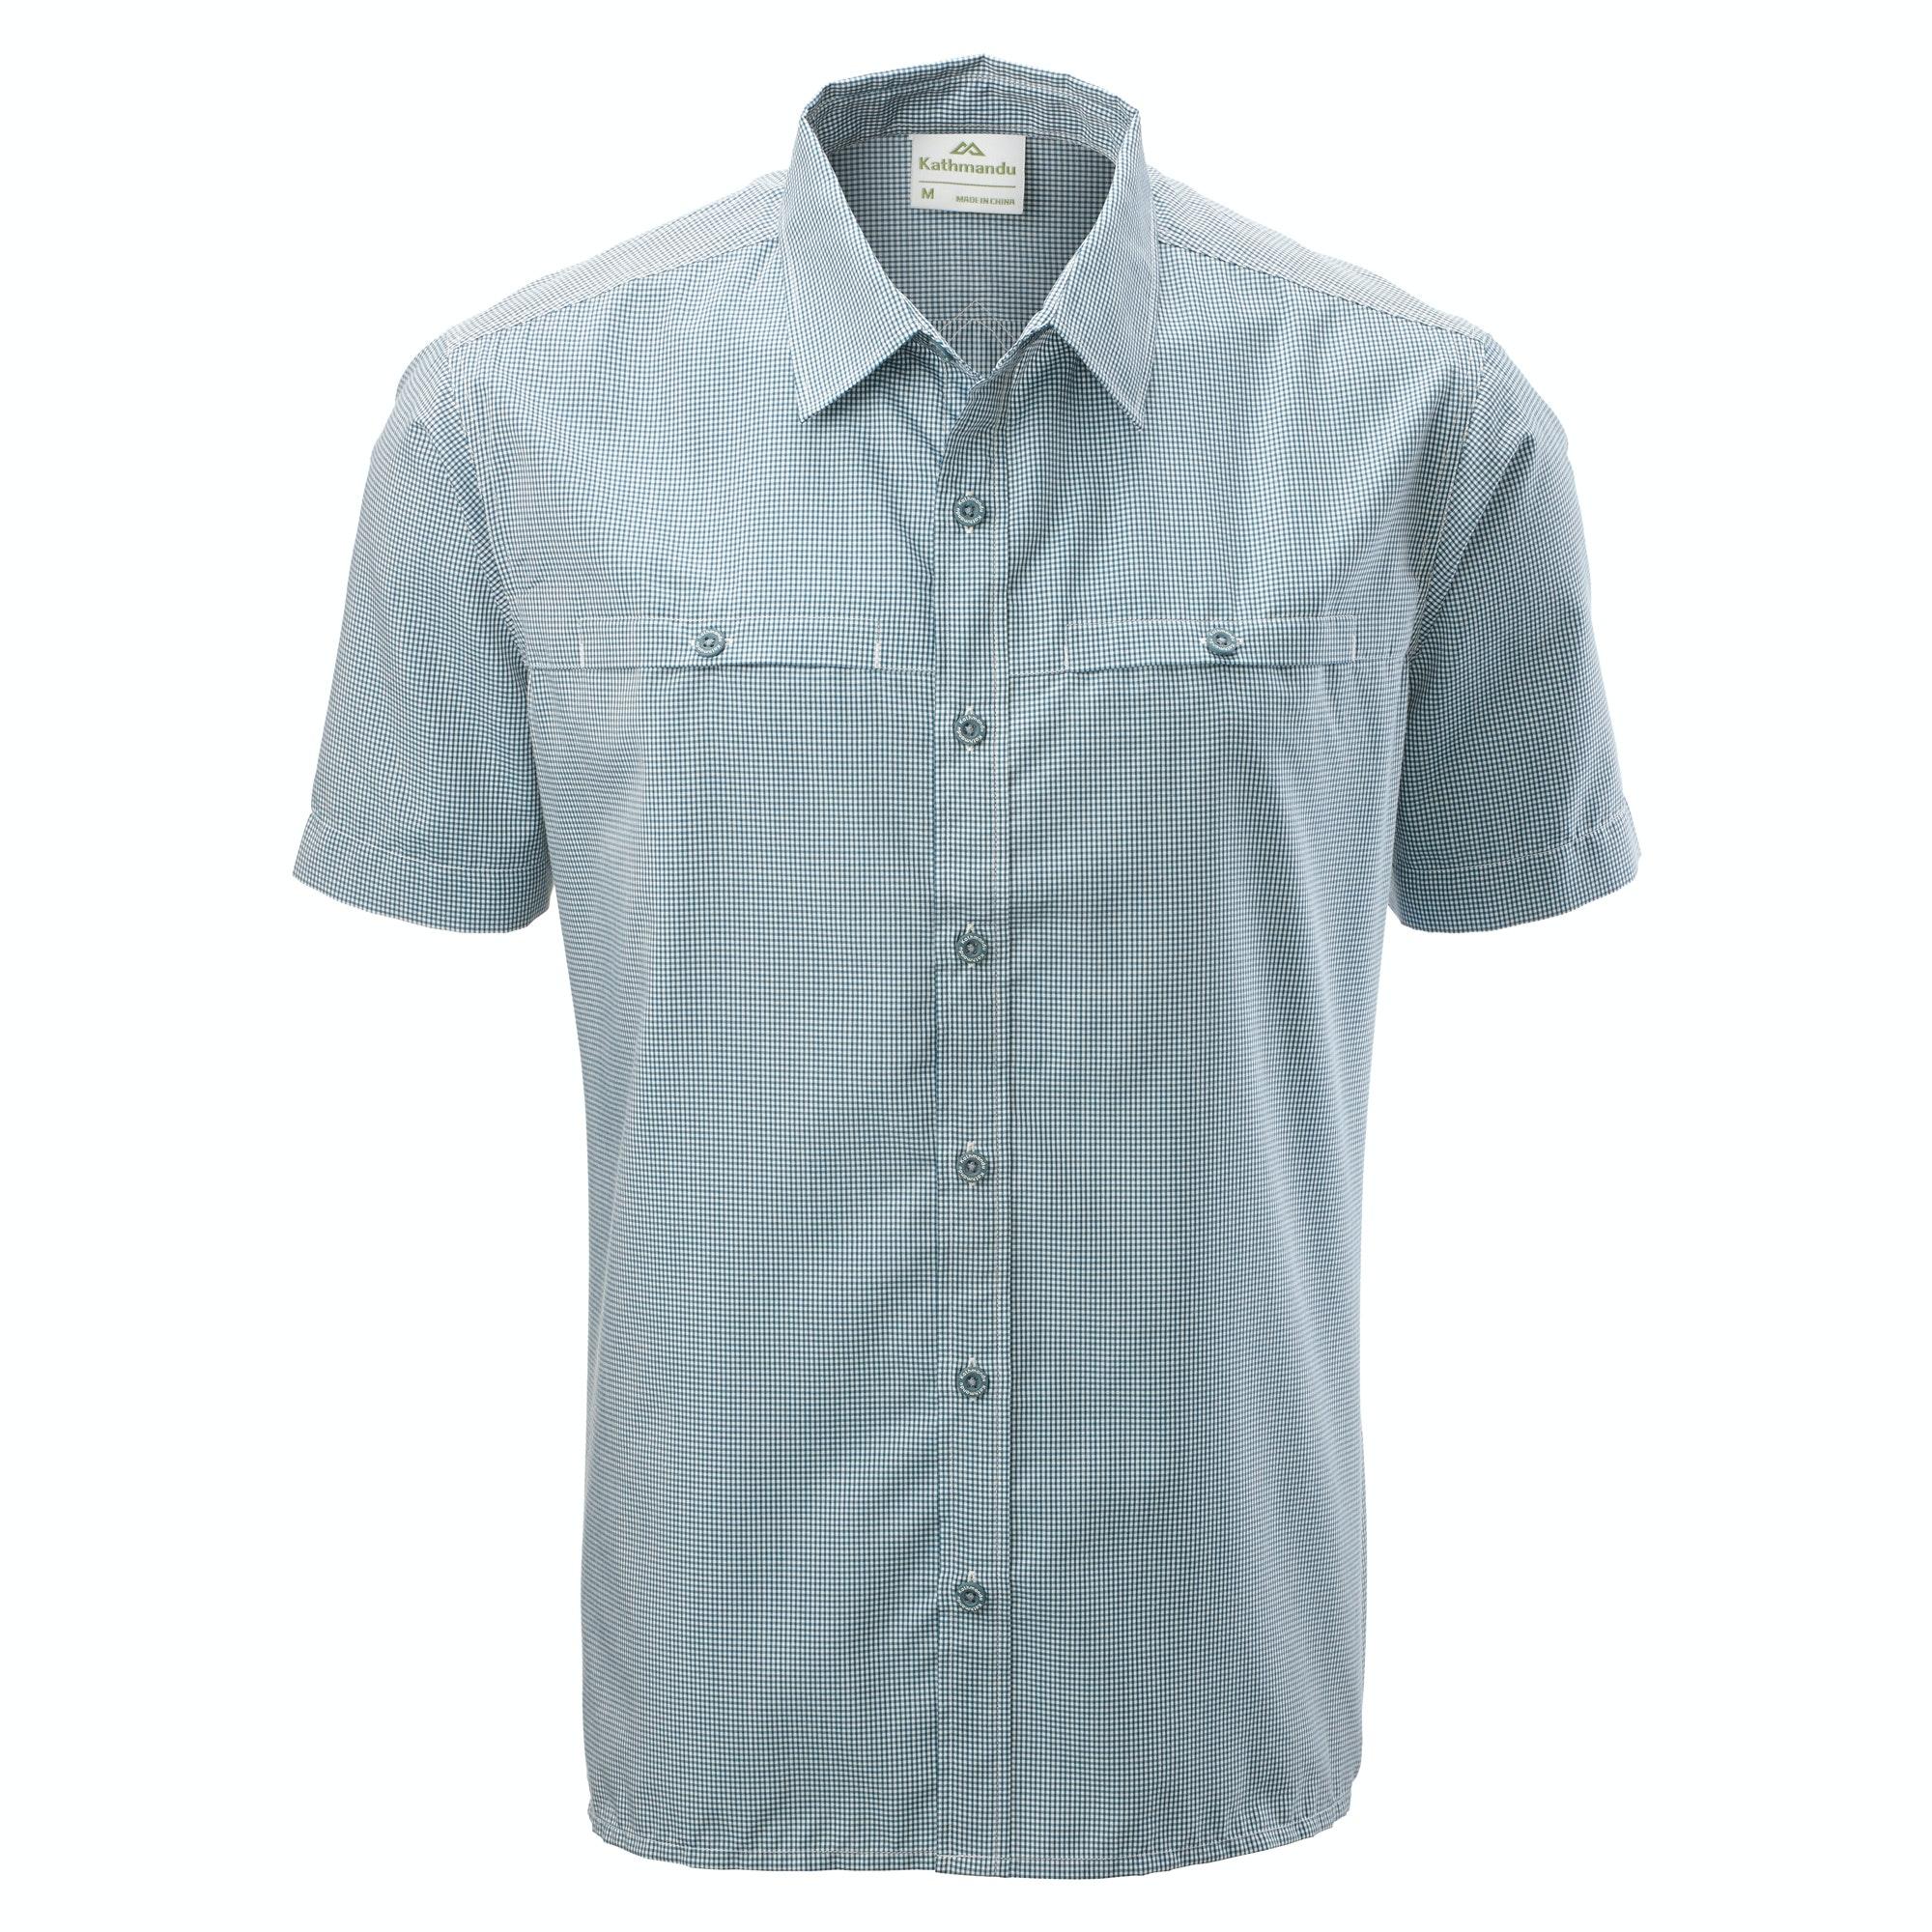 e05b1c285c7 Tipu Men s Short Sleeve Check Shirt - Dark Blue White Check